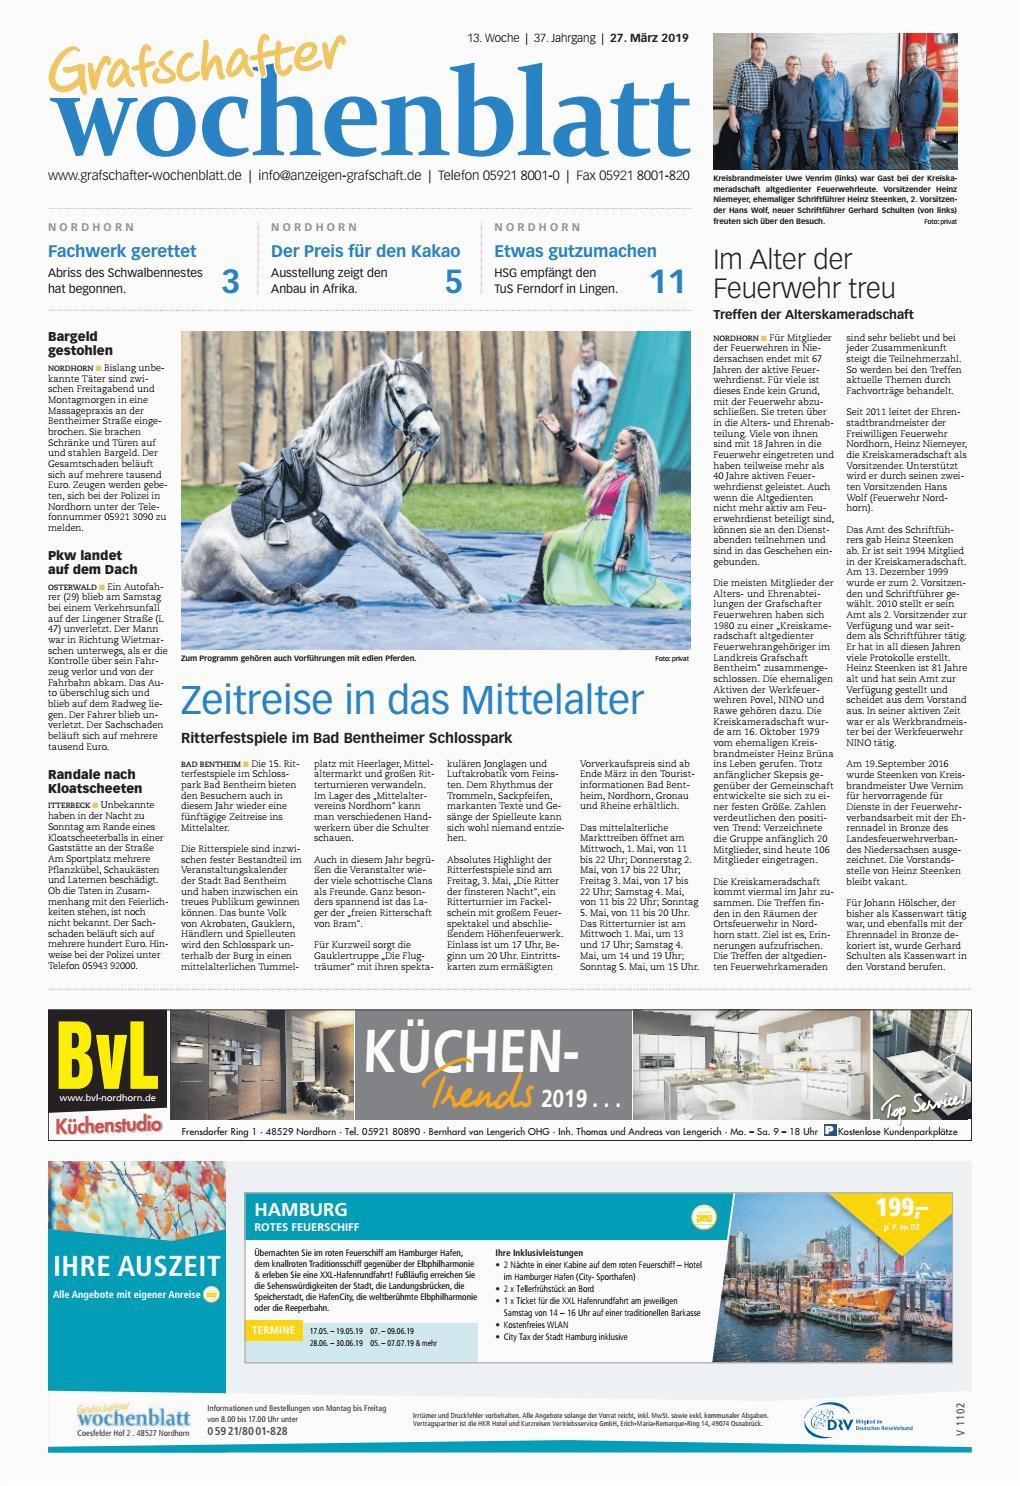 Camping Küchenschrank Obelink Grafschafter Wochenblatt 27 03 2019 by Grafschafter